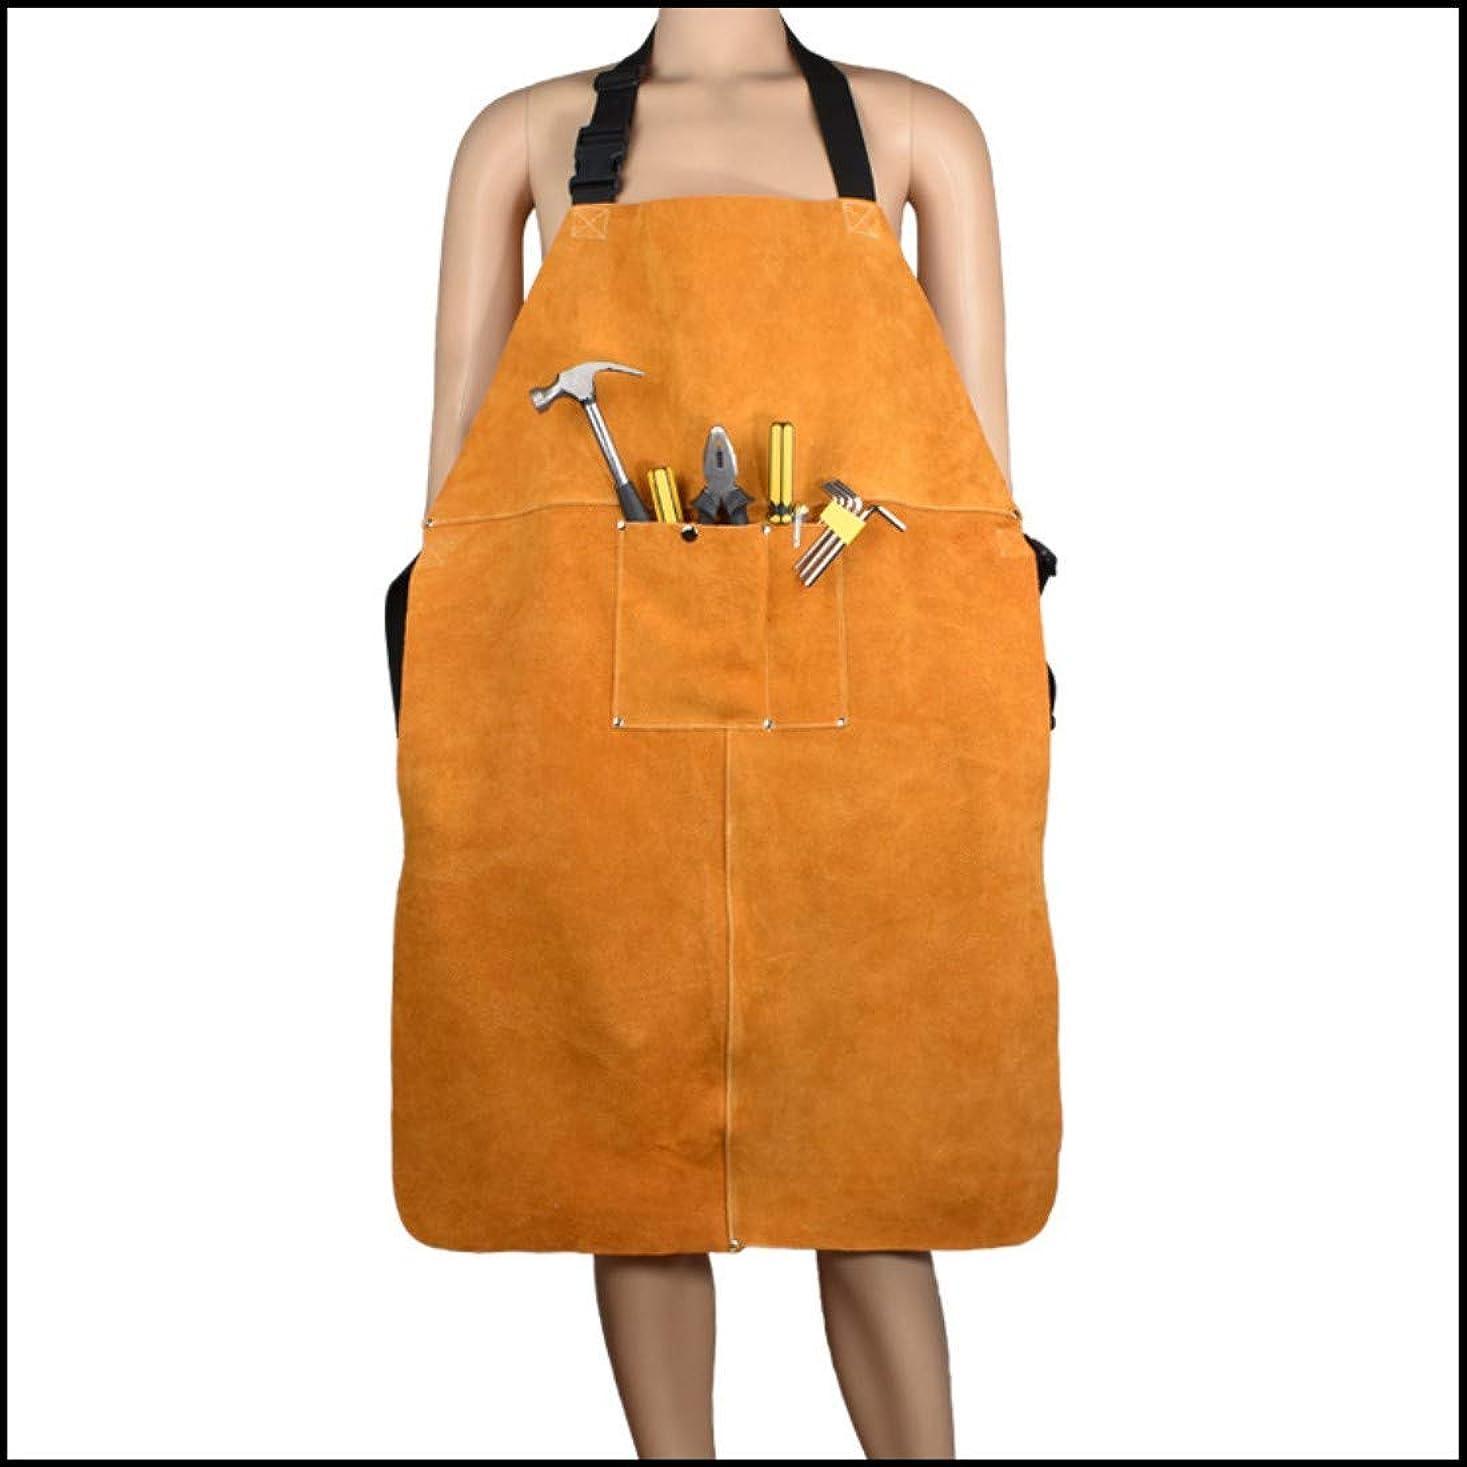 緩む自宅で列挙する革手袋 溶接用エプロン